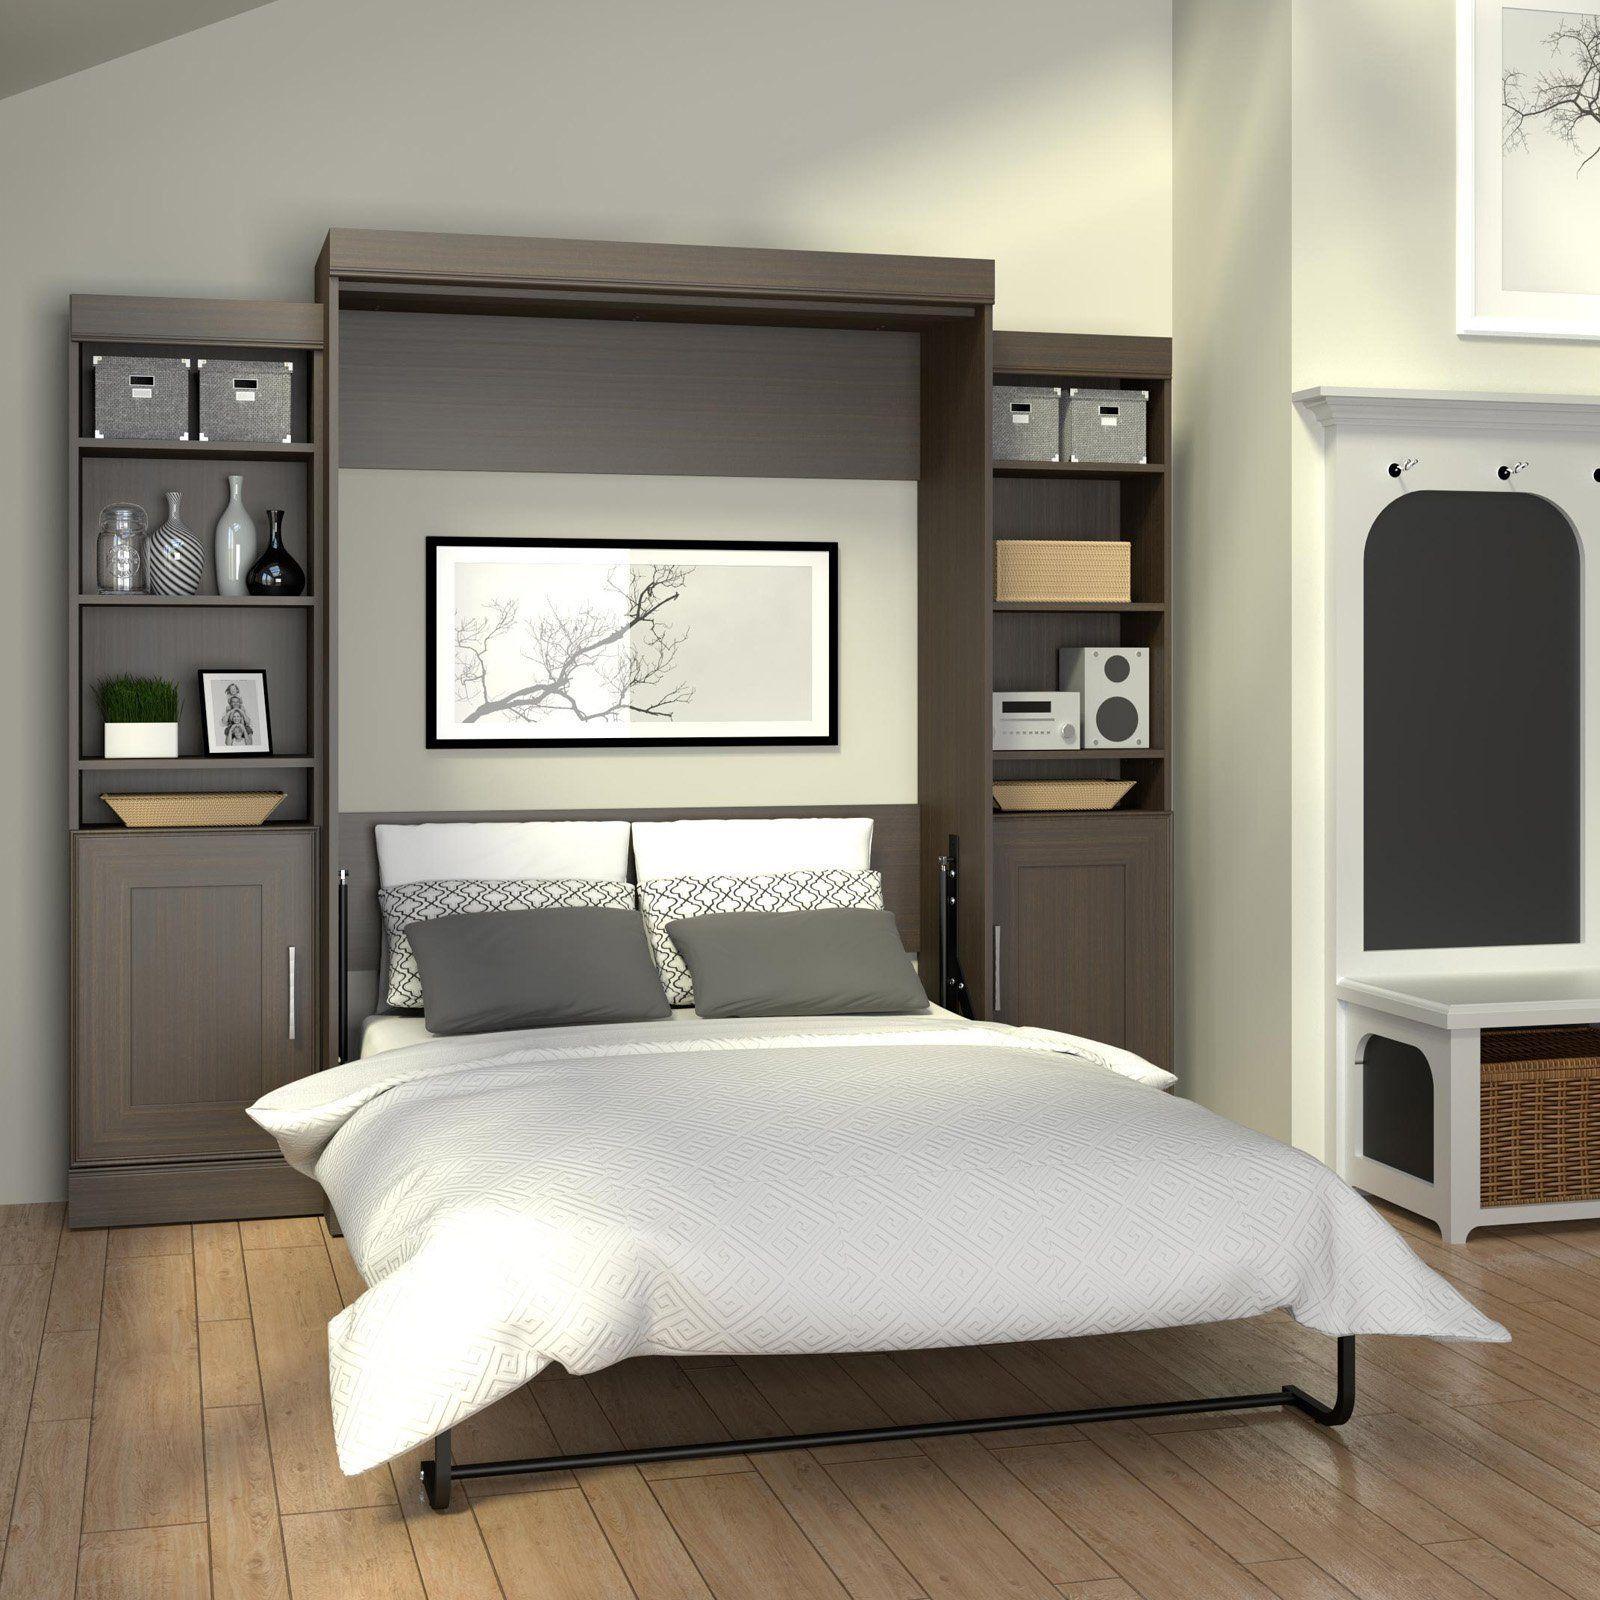 Кровати в картинках встроенные в стену